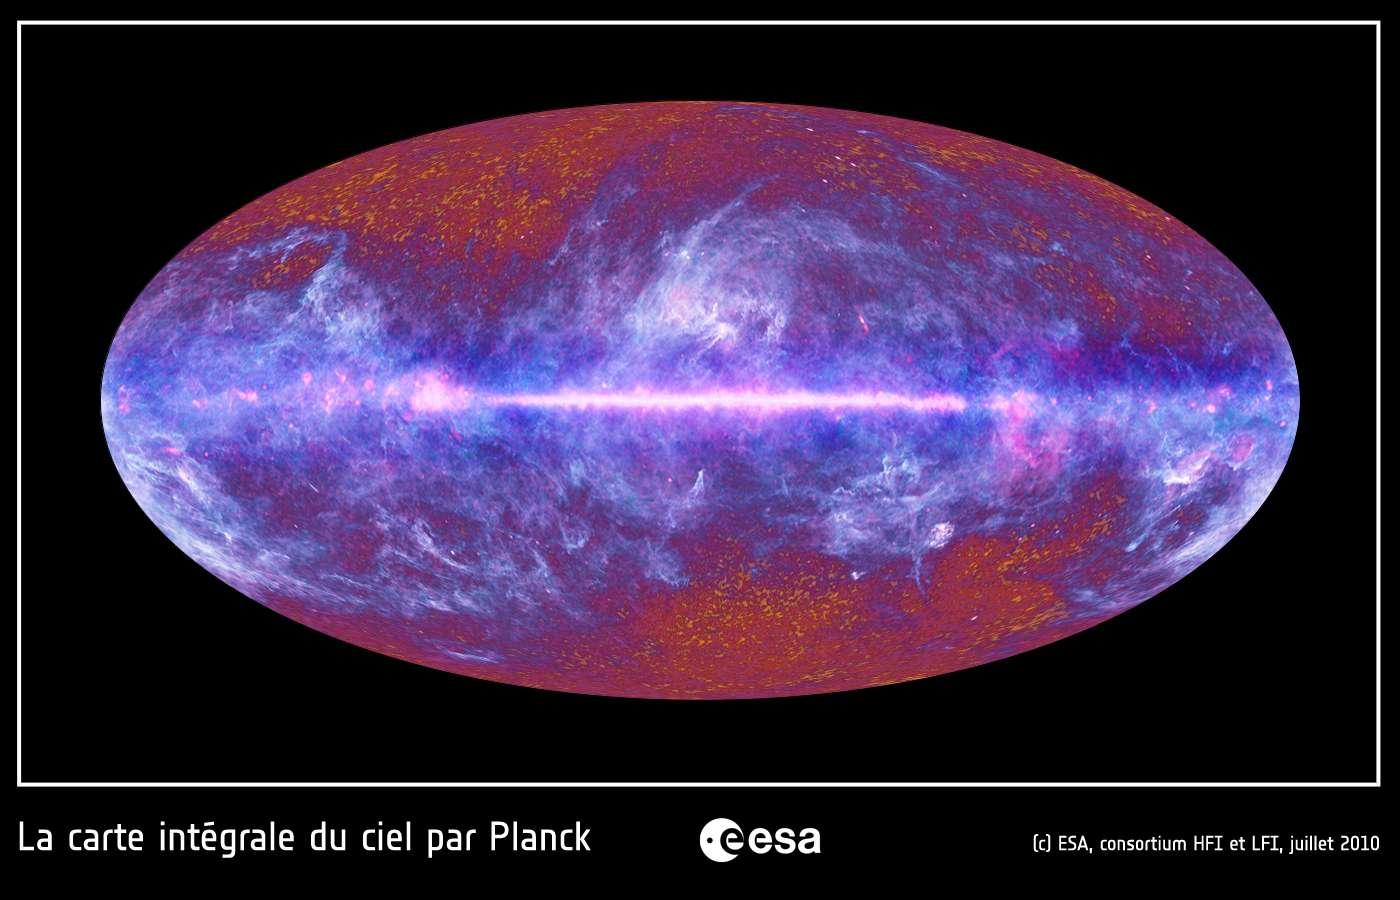 Le ciel micro-ondes vu par le satellite Planck. Notre Galaxie, la Voie lactée, est bien visible dans l'image comme une bande claire horizontale. Une grande région du ciel est illuminée par notre Galaxie, comme en témoignent ces structures claires et filamenteuses qui s'étendent bien au-delà du plan de notre Voie lactée. Ces émissions ont pour origine le gaz et les poussières du milieu interstellaire. Le rayonnement fossile est visible sur cette image sous la forme de structures granulaires rougeâtres, principalement visibles au haut et en bas de l'image, où l'émission de notre Galaxie est très faible. © Esa, HFI & LFI Consortia